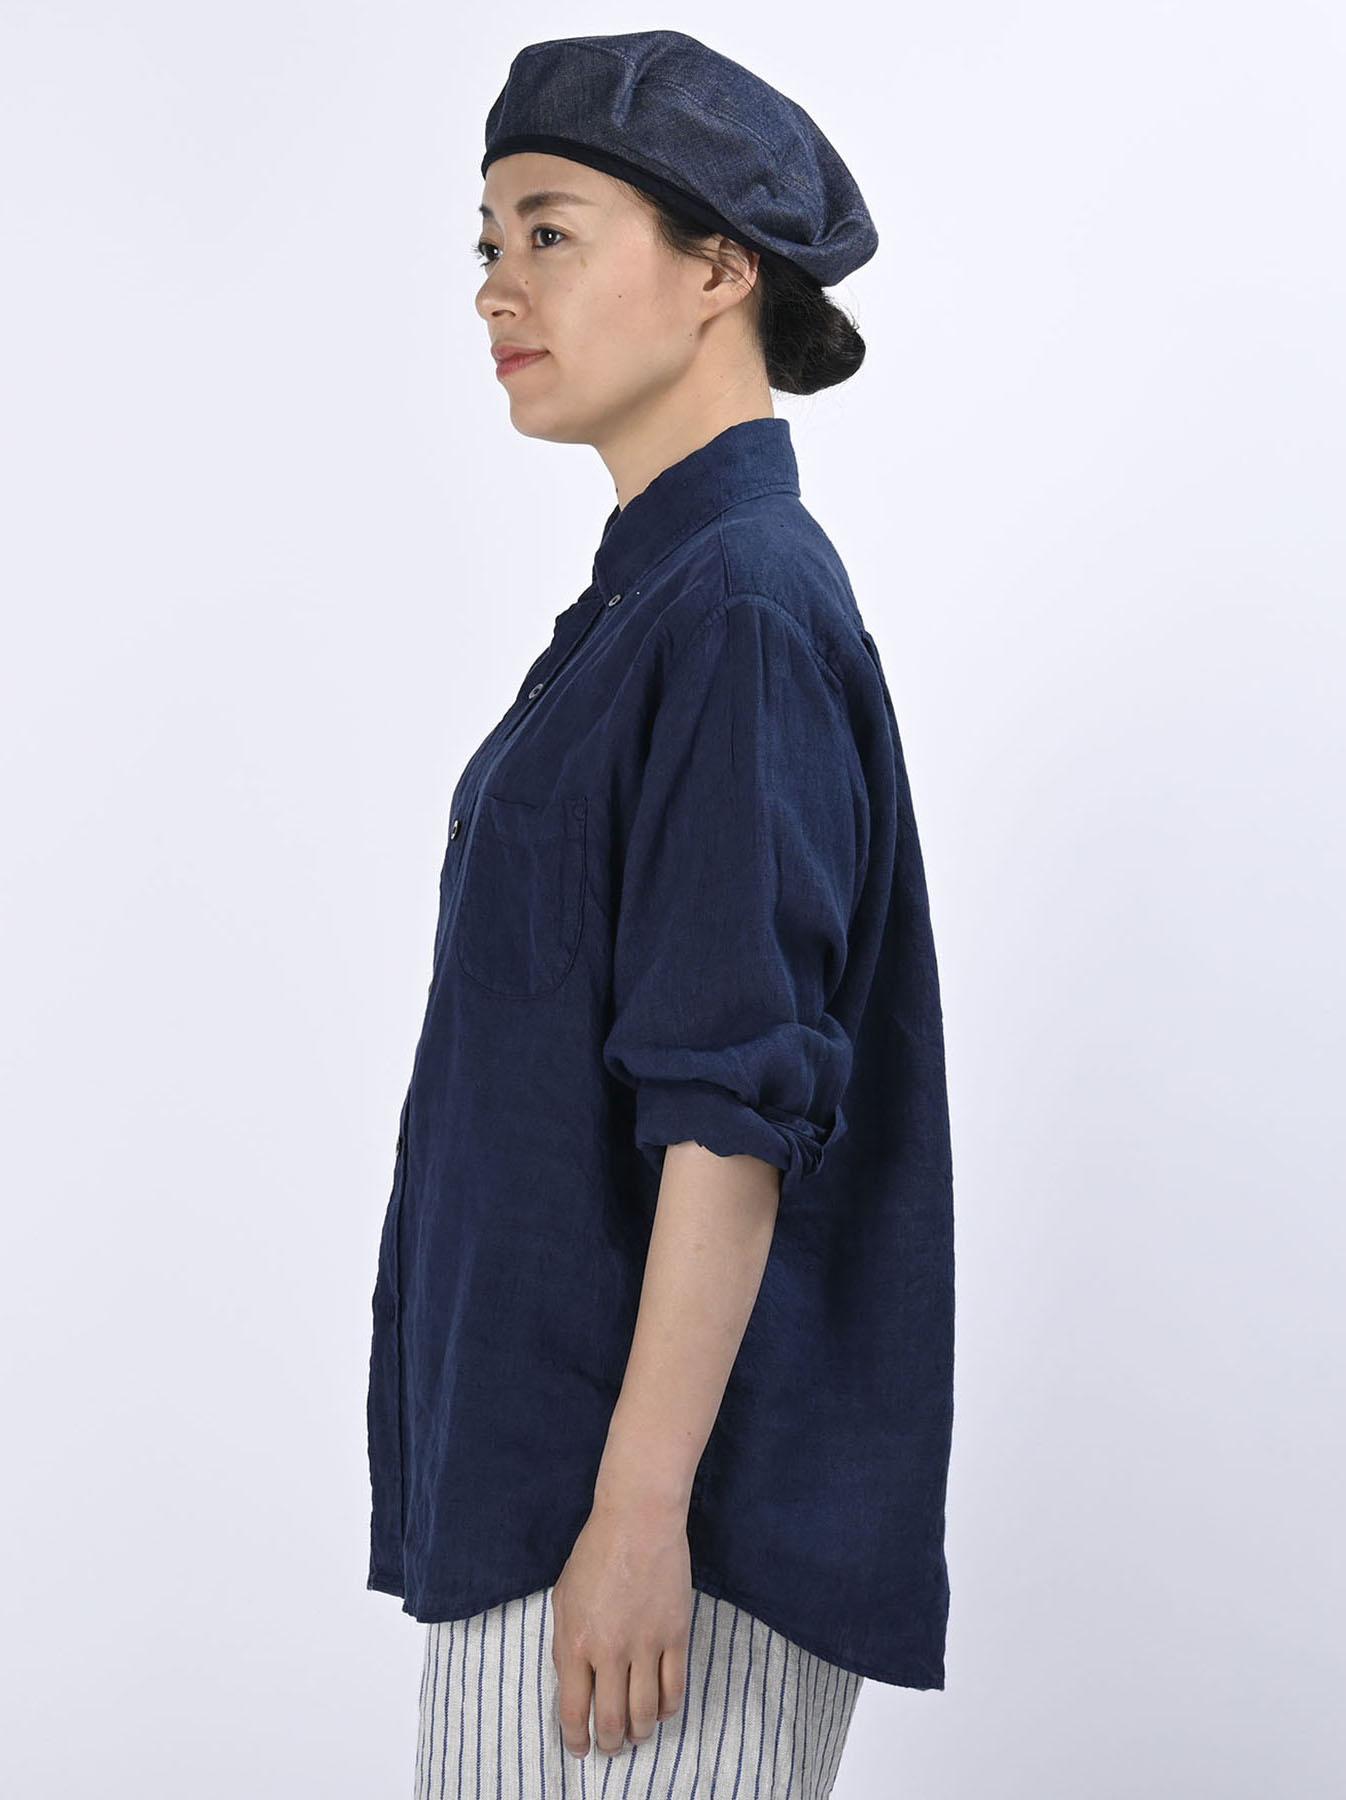 Indigo Indian Linen Flat 908 Ocean Shirt (0521)-4